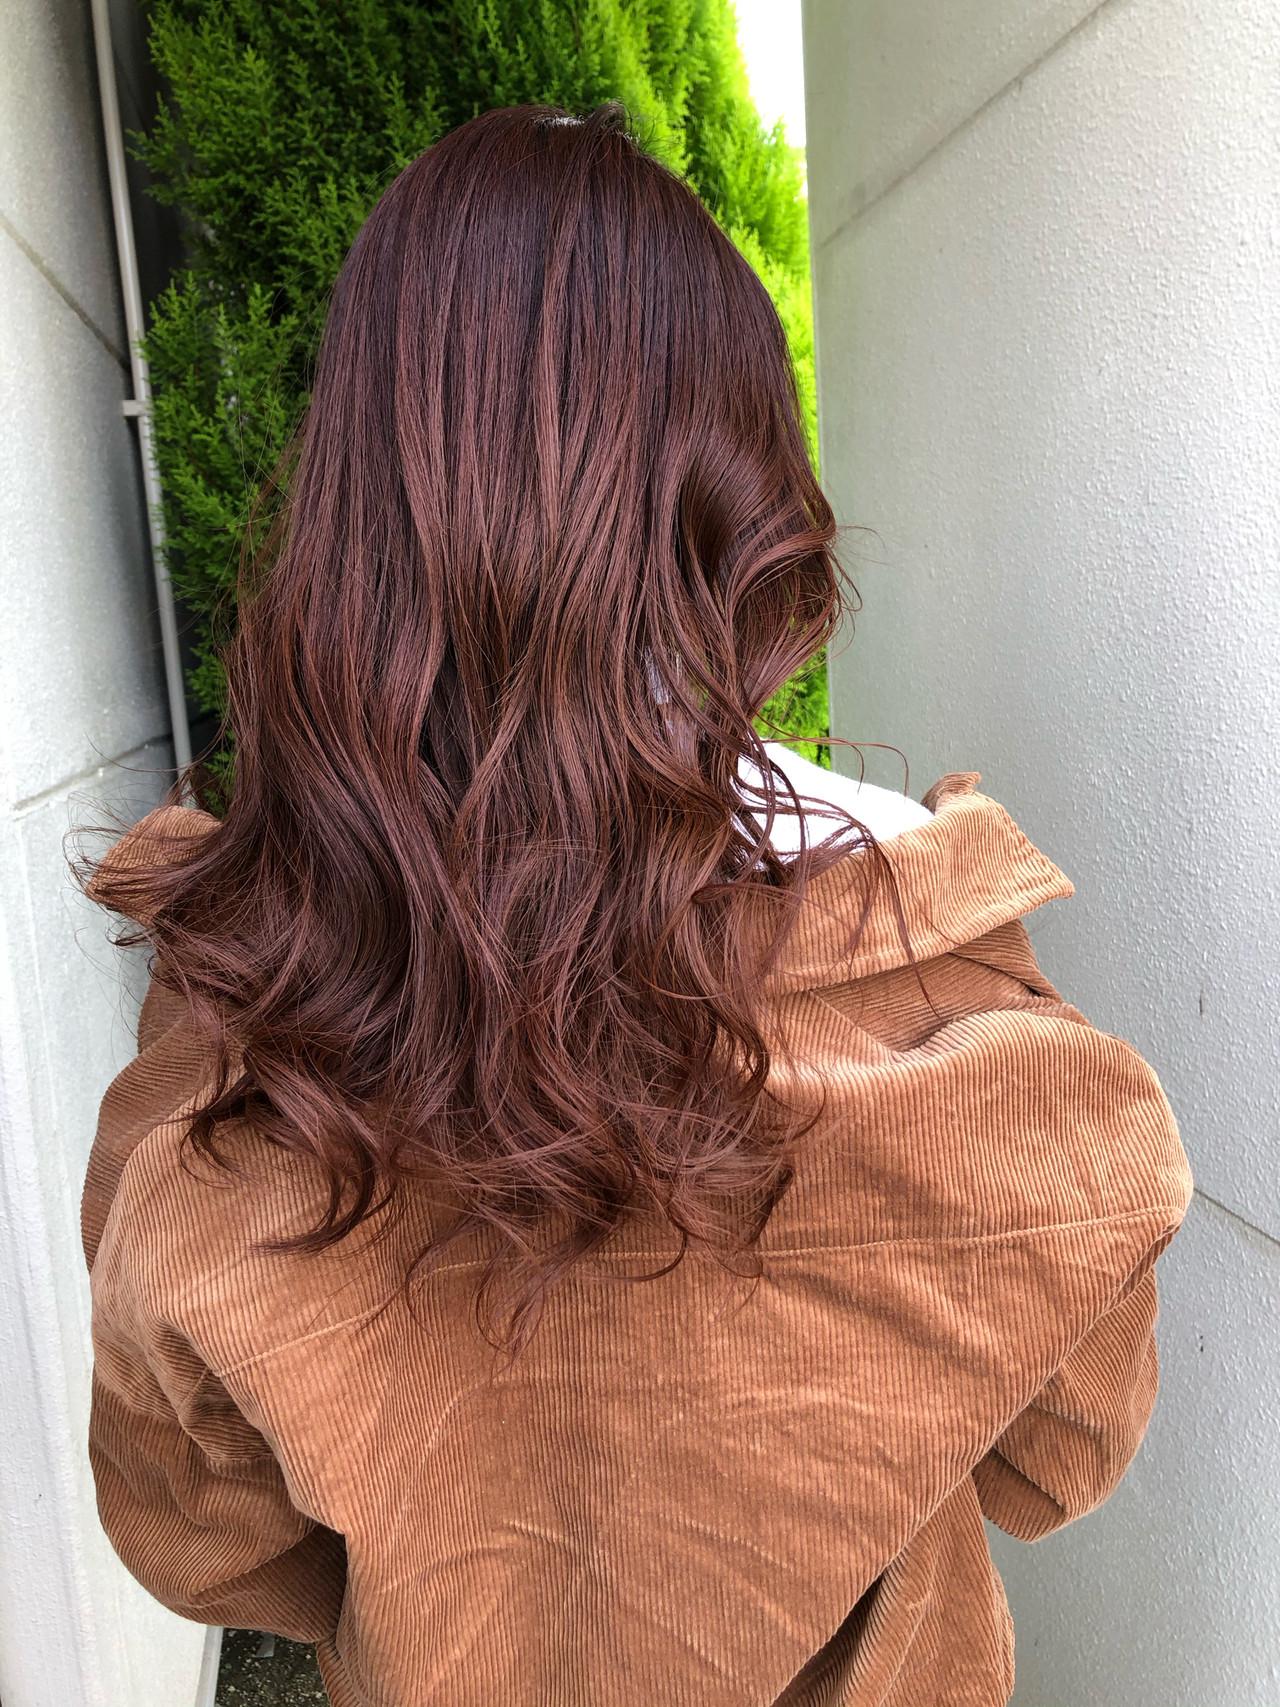 ロング インナーカラー オレンジカラー 大人ロング ヘアスタイルや髪型の写真・画像 | 佐藤タカヒロ / Gritter